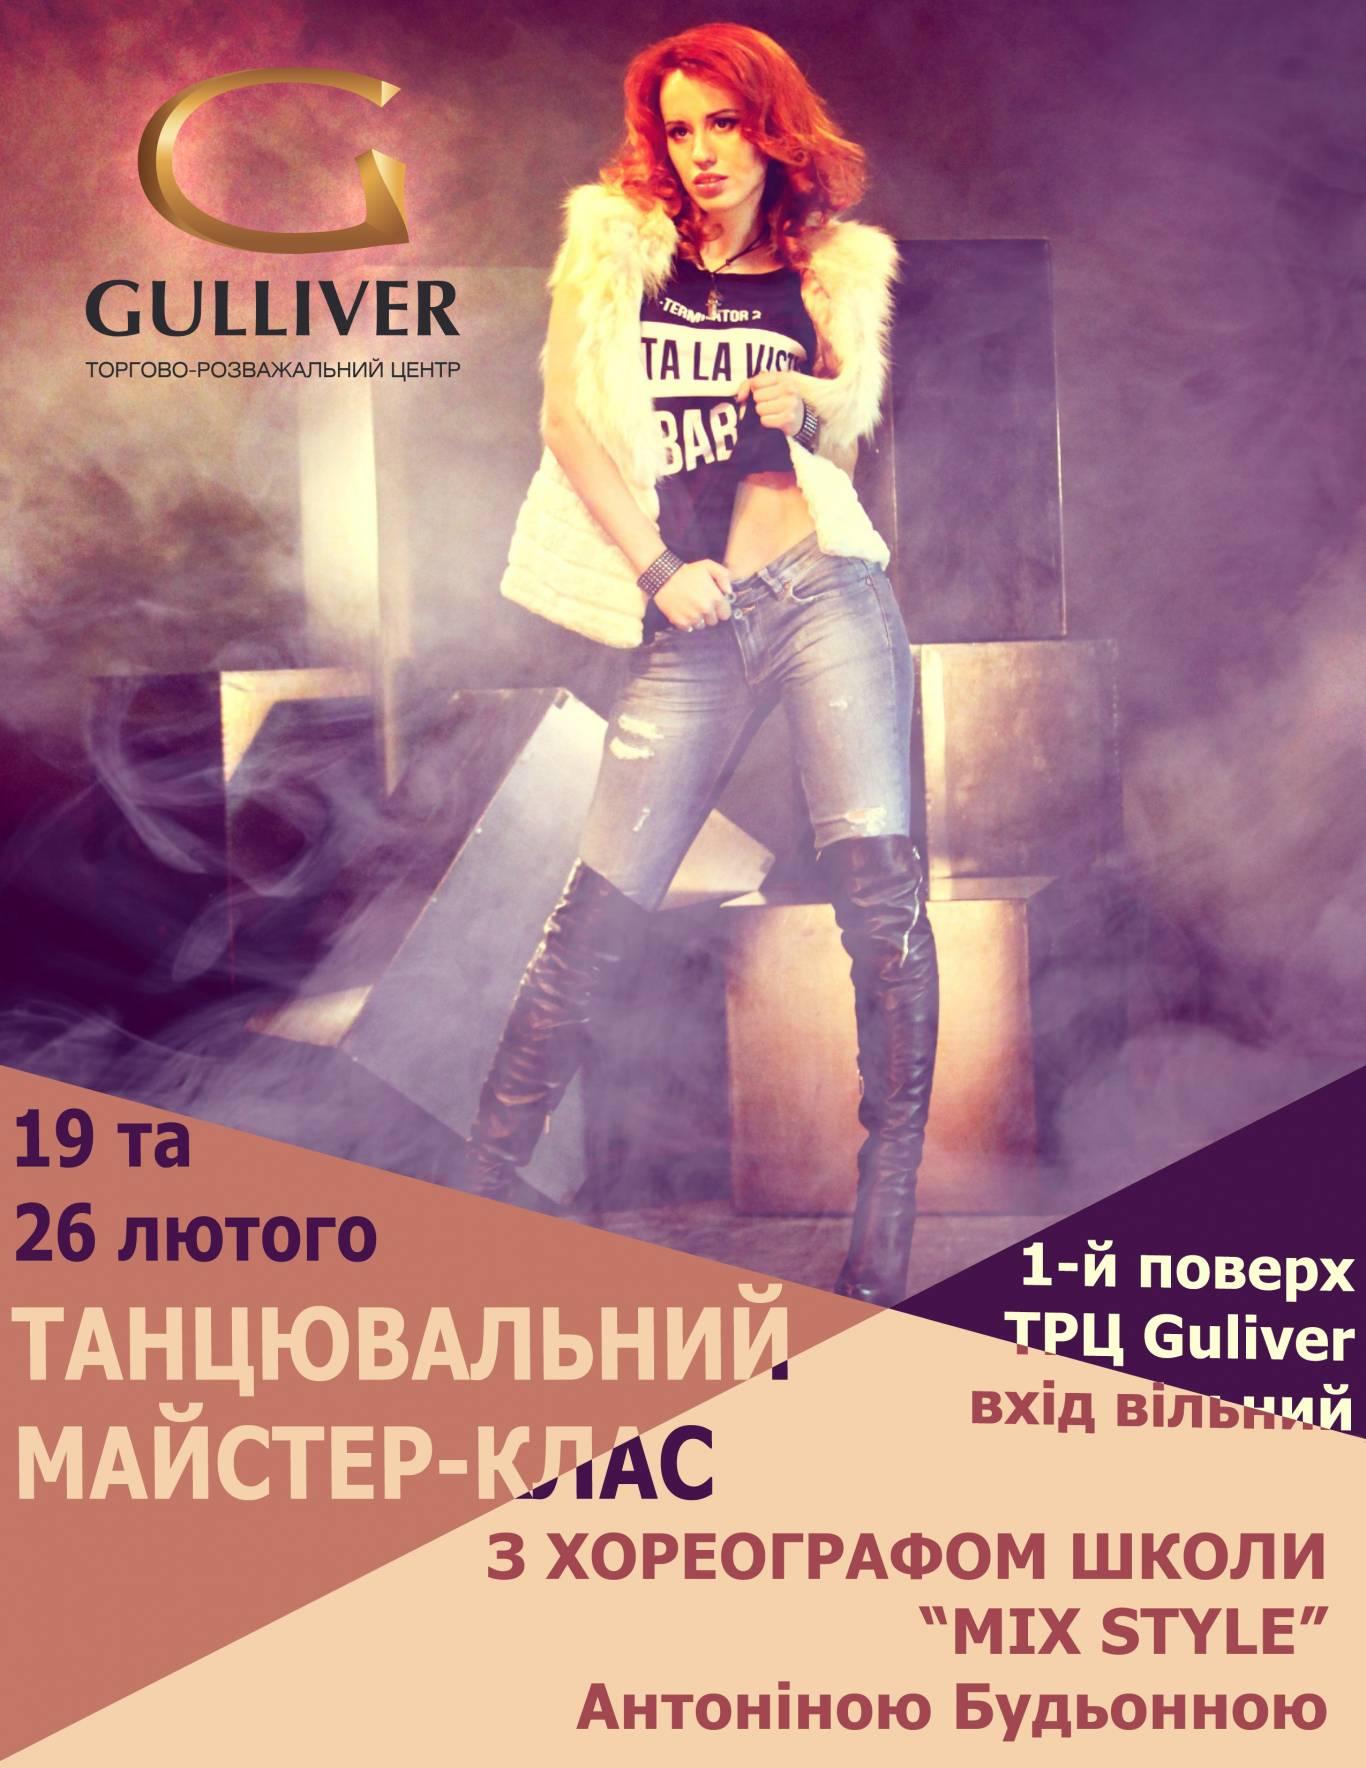 Безкоштовні танцювальні майстер-класи в ТРЦ Gulliver